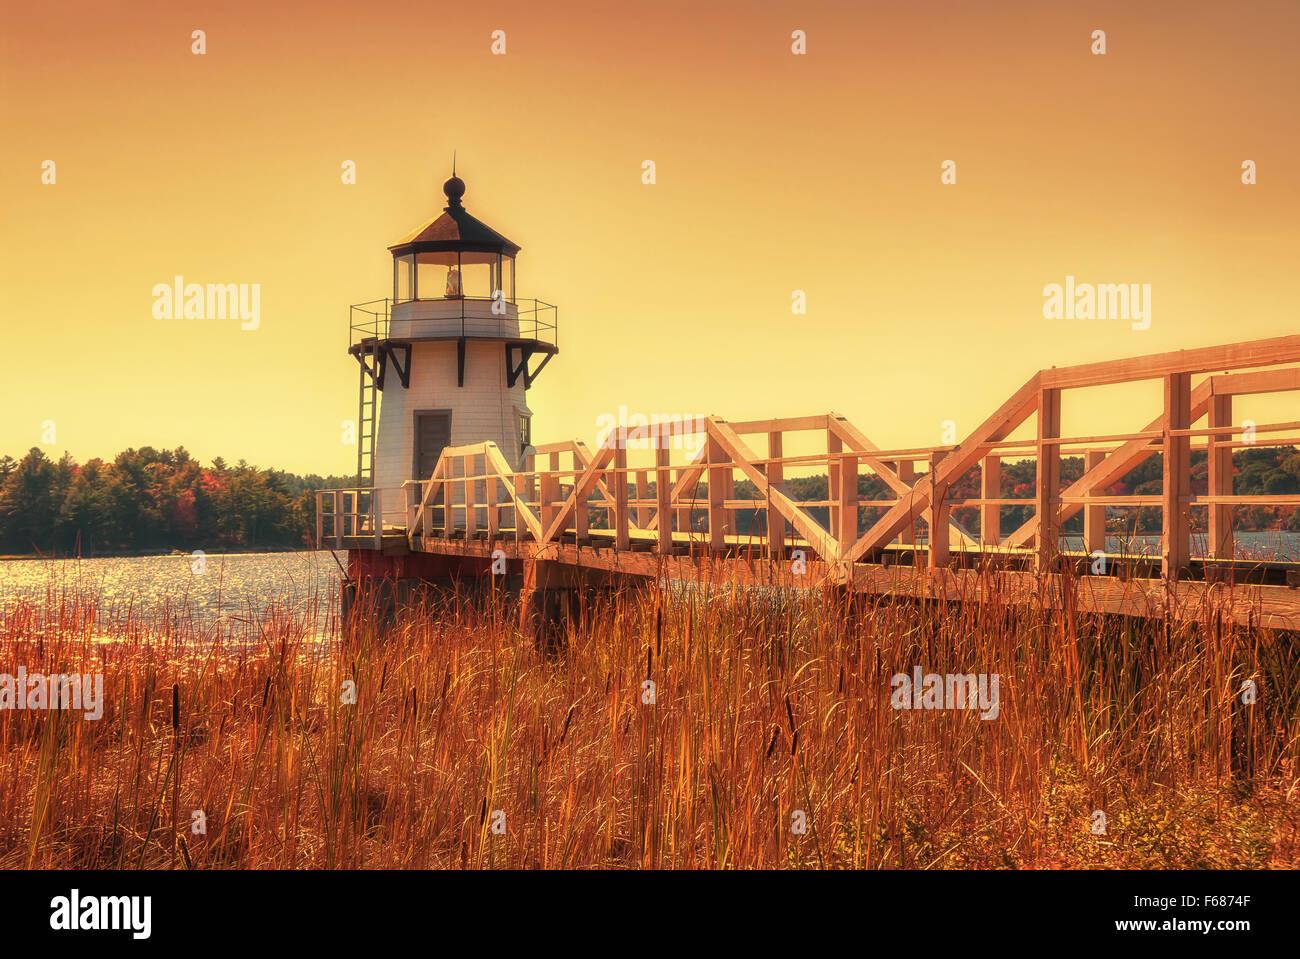 Le phare de la pointe doublé sur la rivière Kennebeck dans la côte de la Nouvelle Angleterre Photo Stock